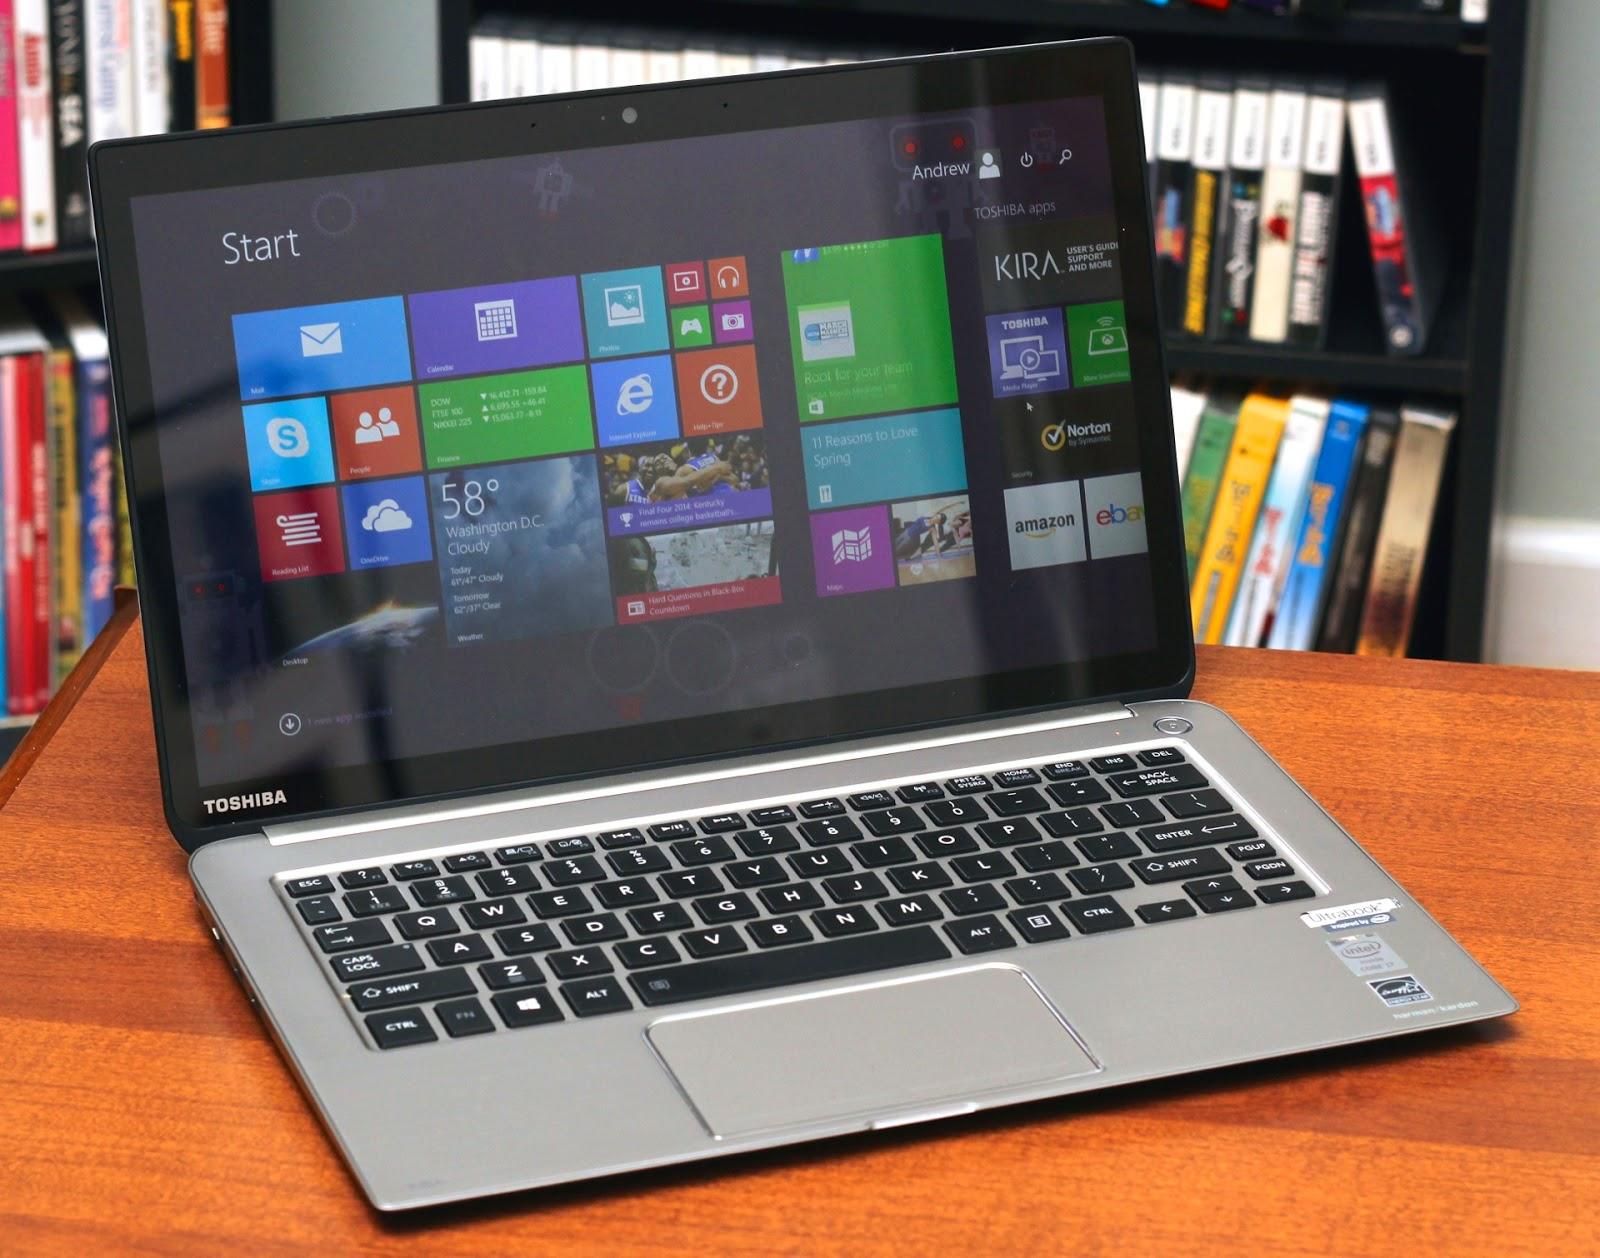 Harga Laptop Toshiba Satellite S40t-AS105 Terbaru 2014